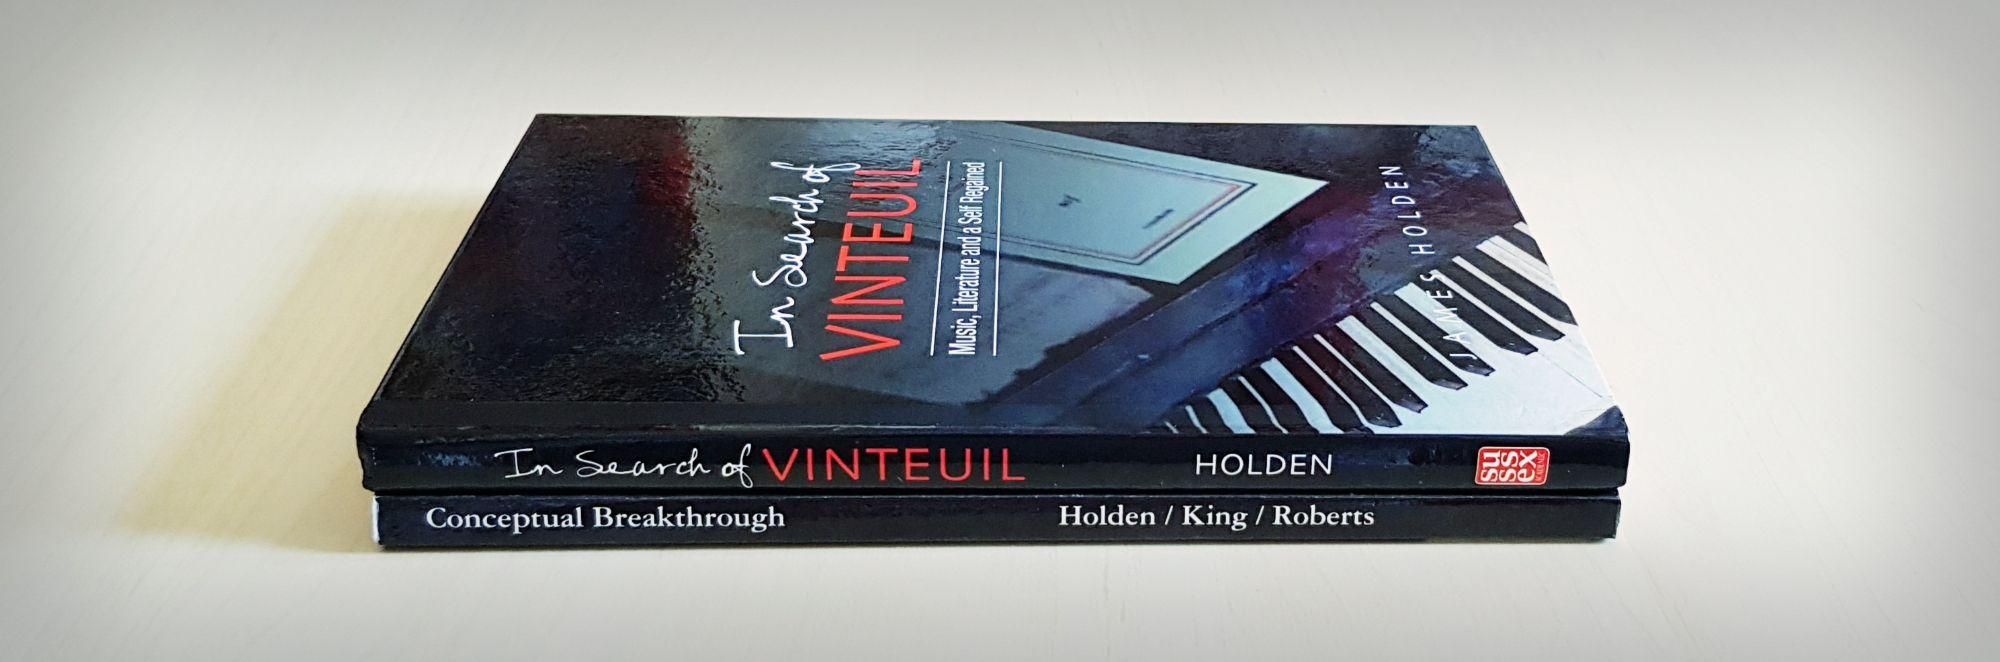 James Holden Published Books